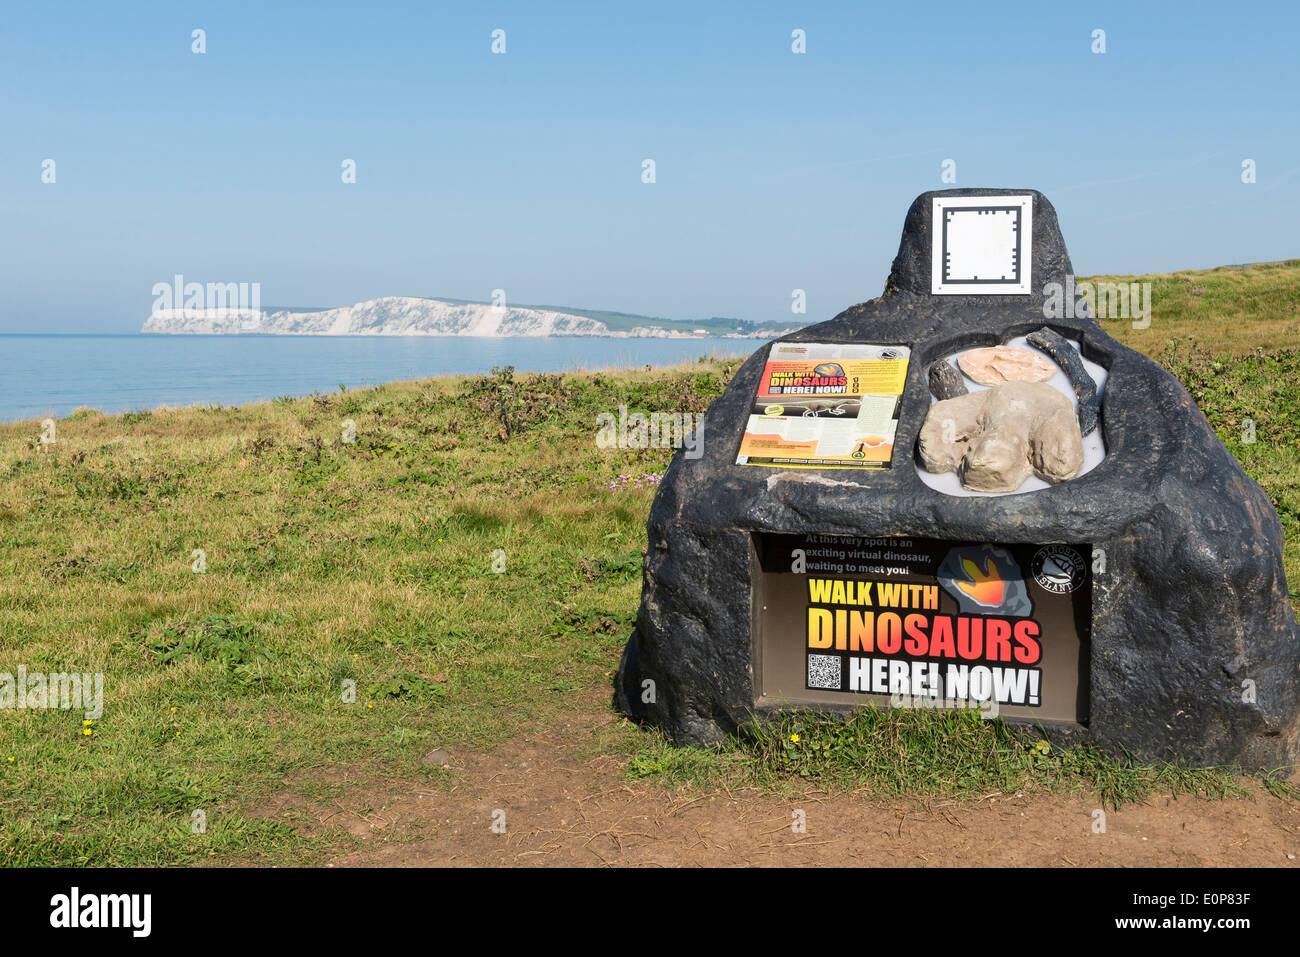 Marcher avec les dinosaures où vous pouvez télécharger une application et à ce spot est un dinosaure virtuel attend de vous rencontrer. L'OIEAU Banque D'Images